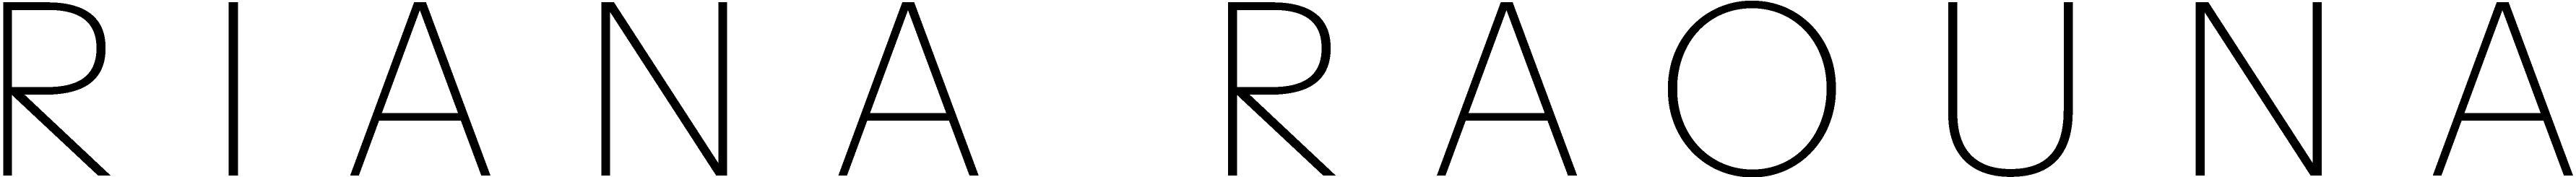 Riana Raouna Gallery company logo